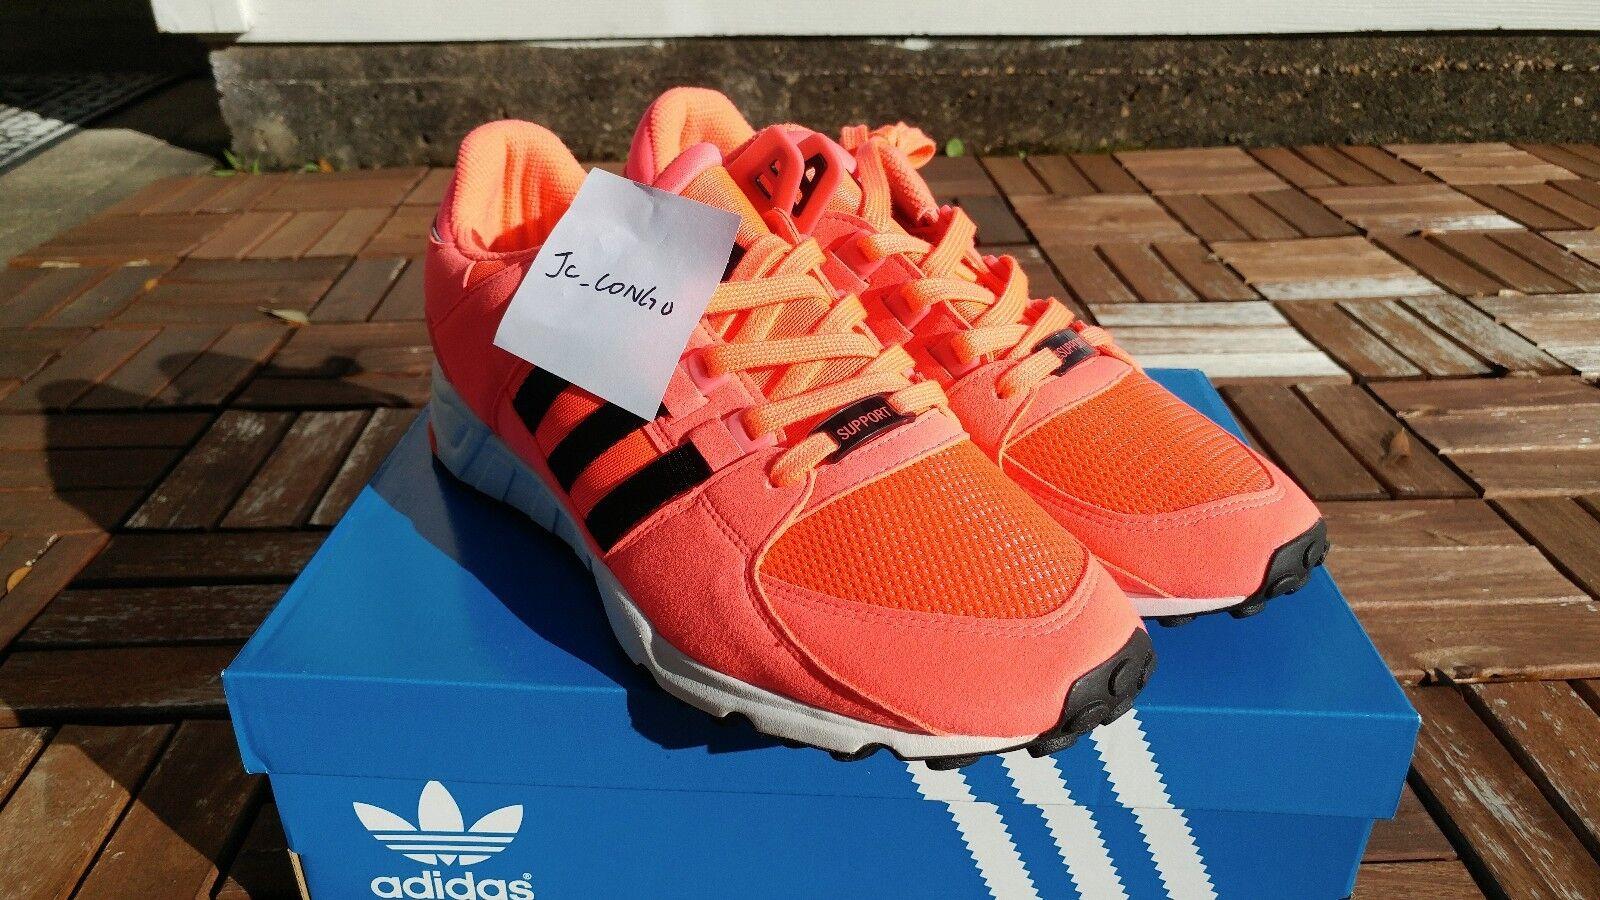 Adidas Originals equipos de Apoyo de EQT RF Rosa Core Negro Blanco Turbo Rosa RF bb1321 HQ b9b1c9